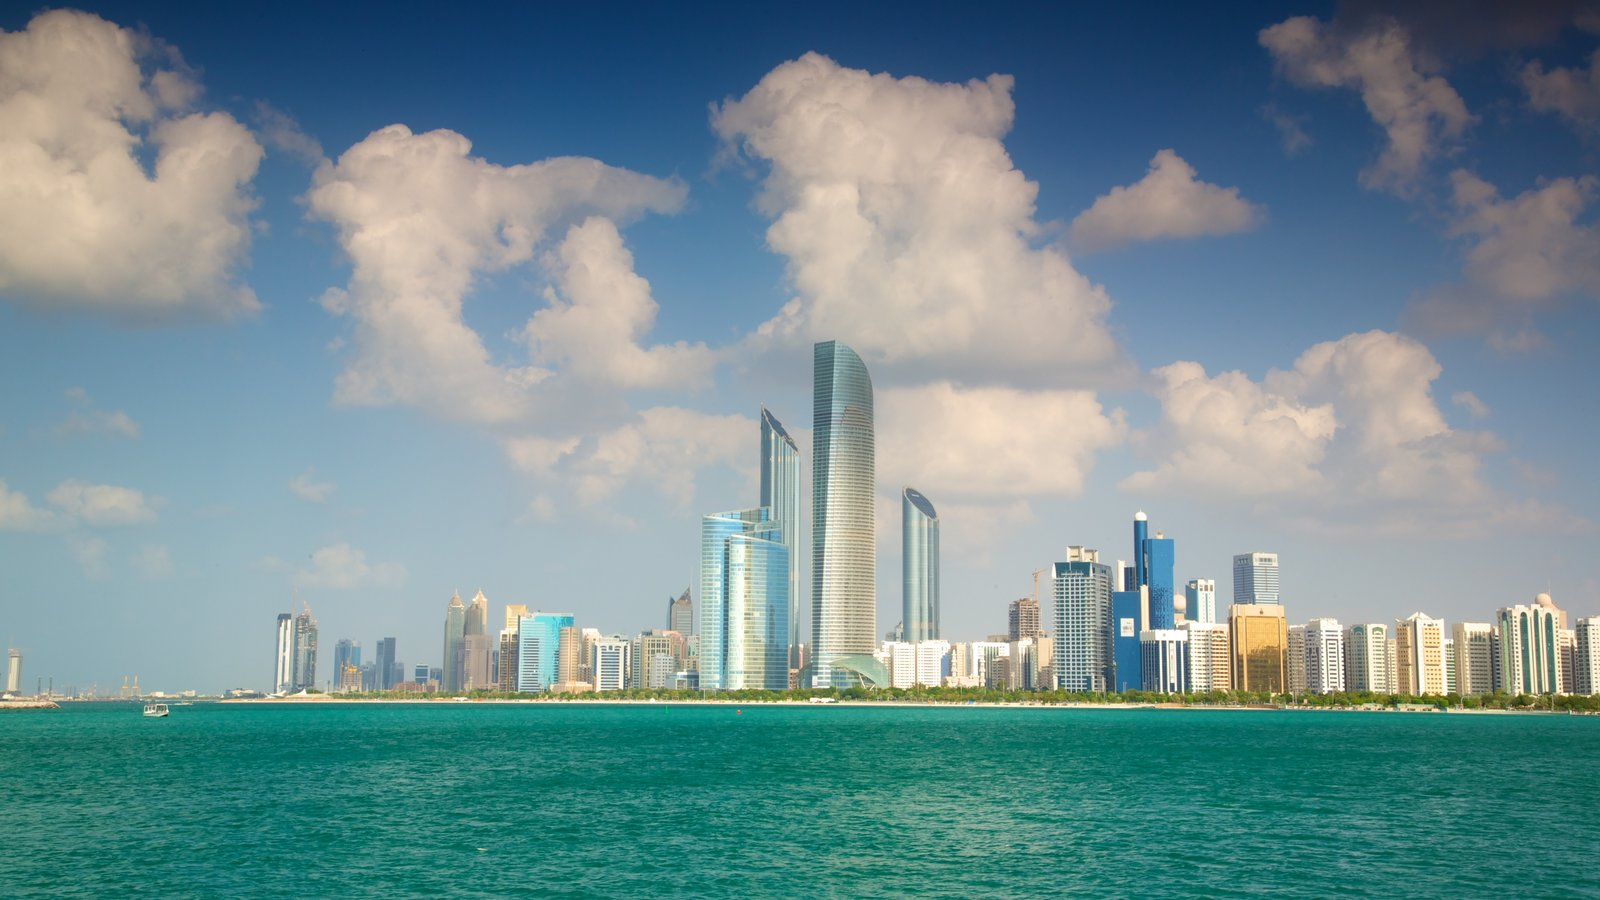 Emirato de Abu Dabi que incluye vistas generales de la costa, arquitectura moderna y horizonte